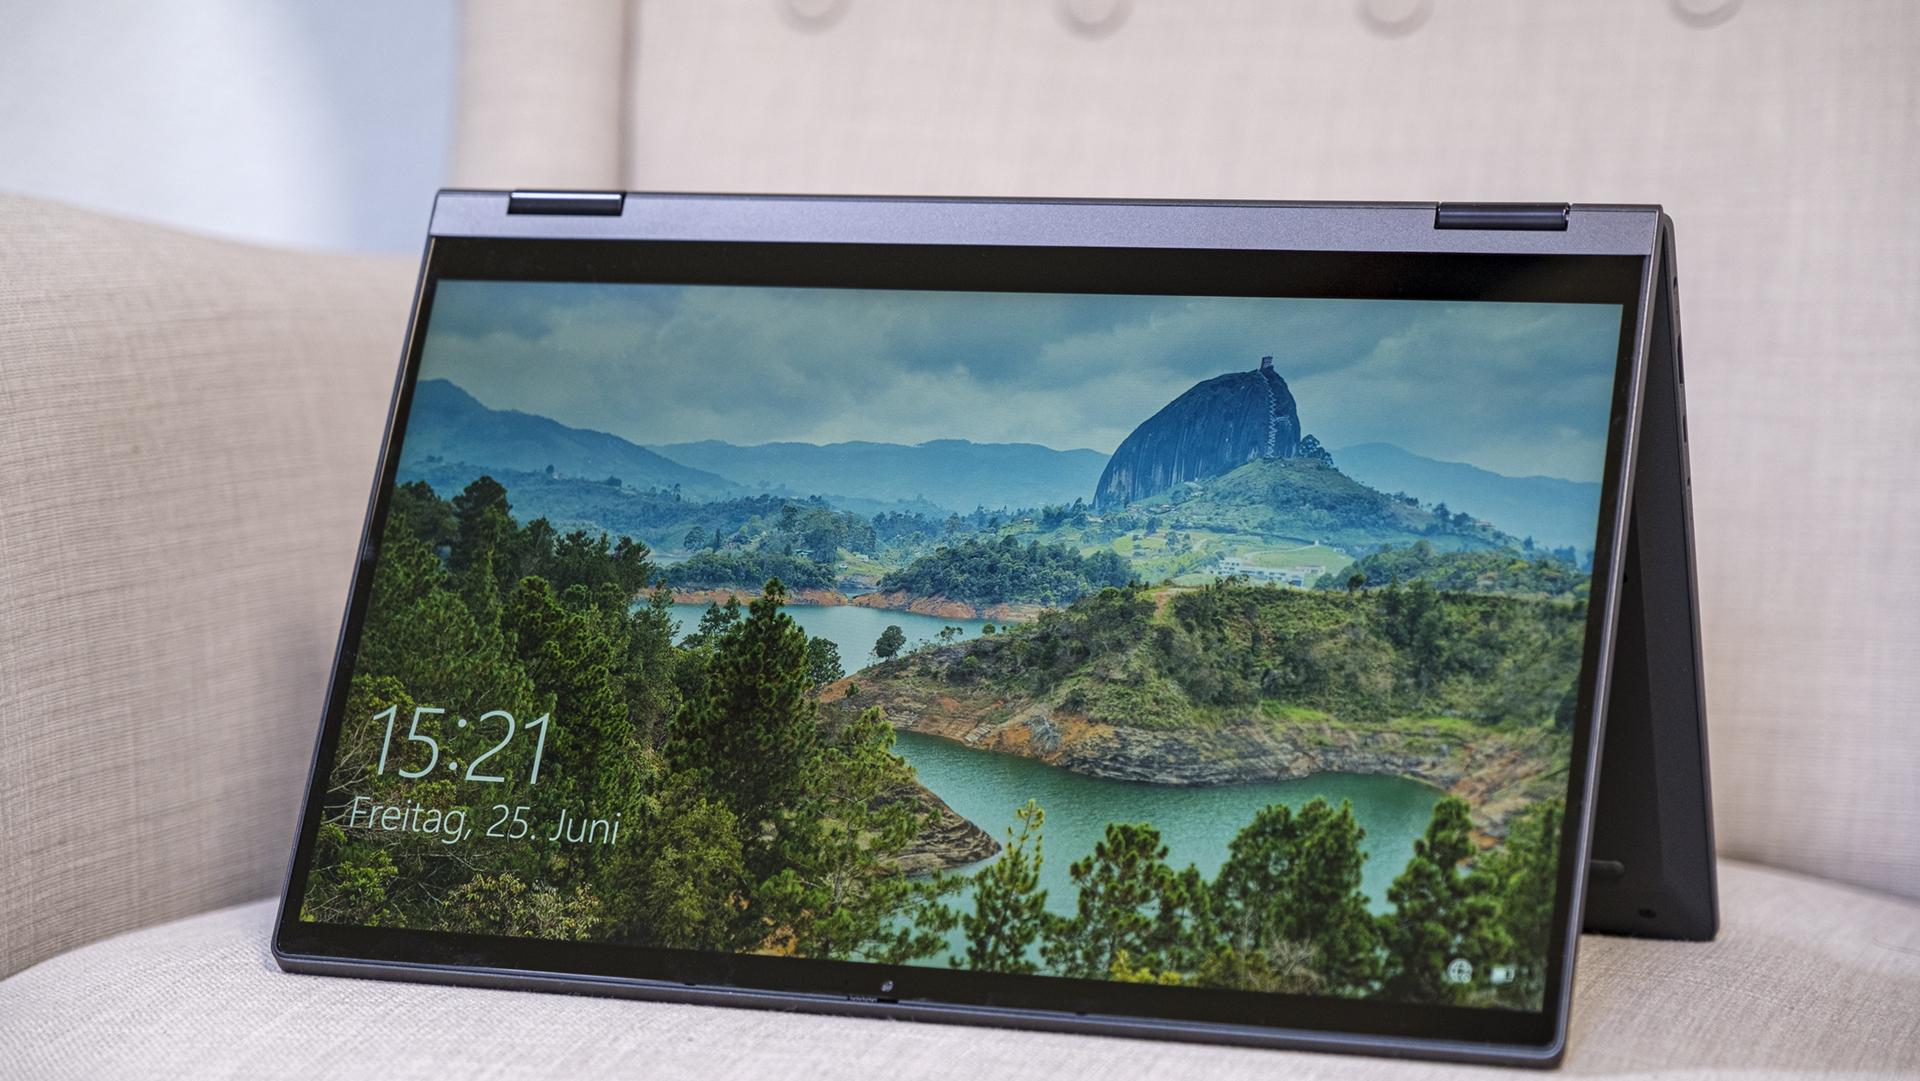 Lenovo IdeaPad Flex 5 im Test: Allround-Convertible mit AMD Ryzen™